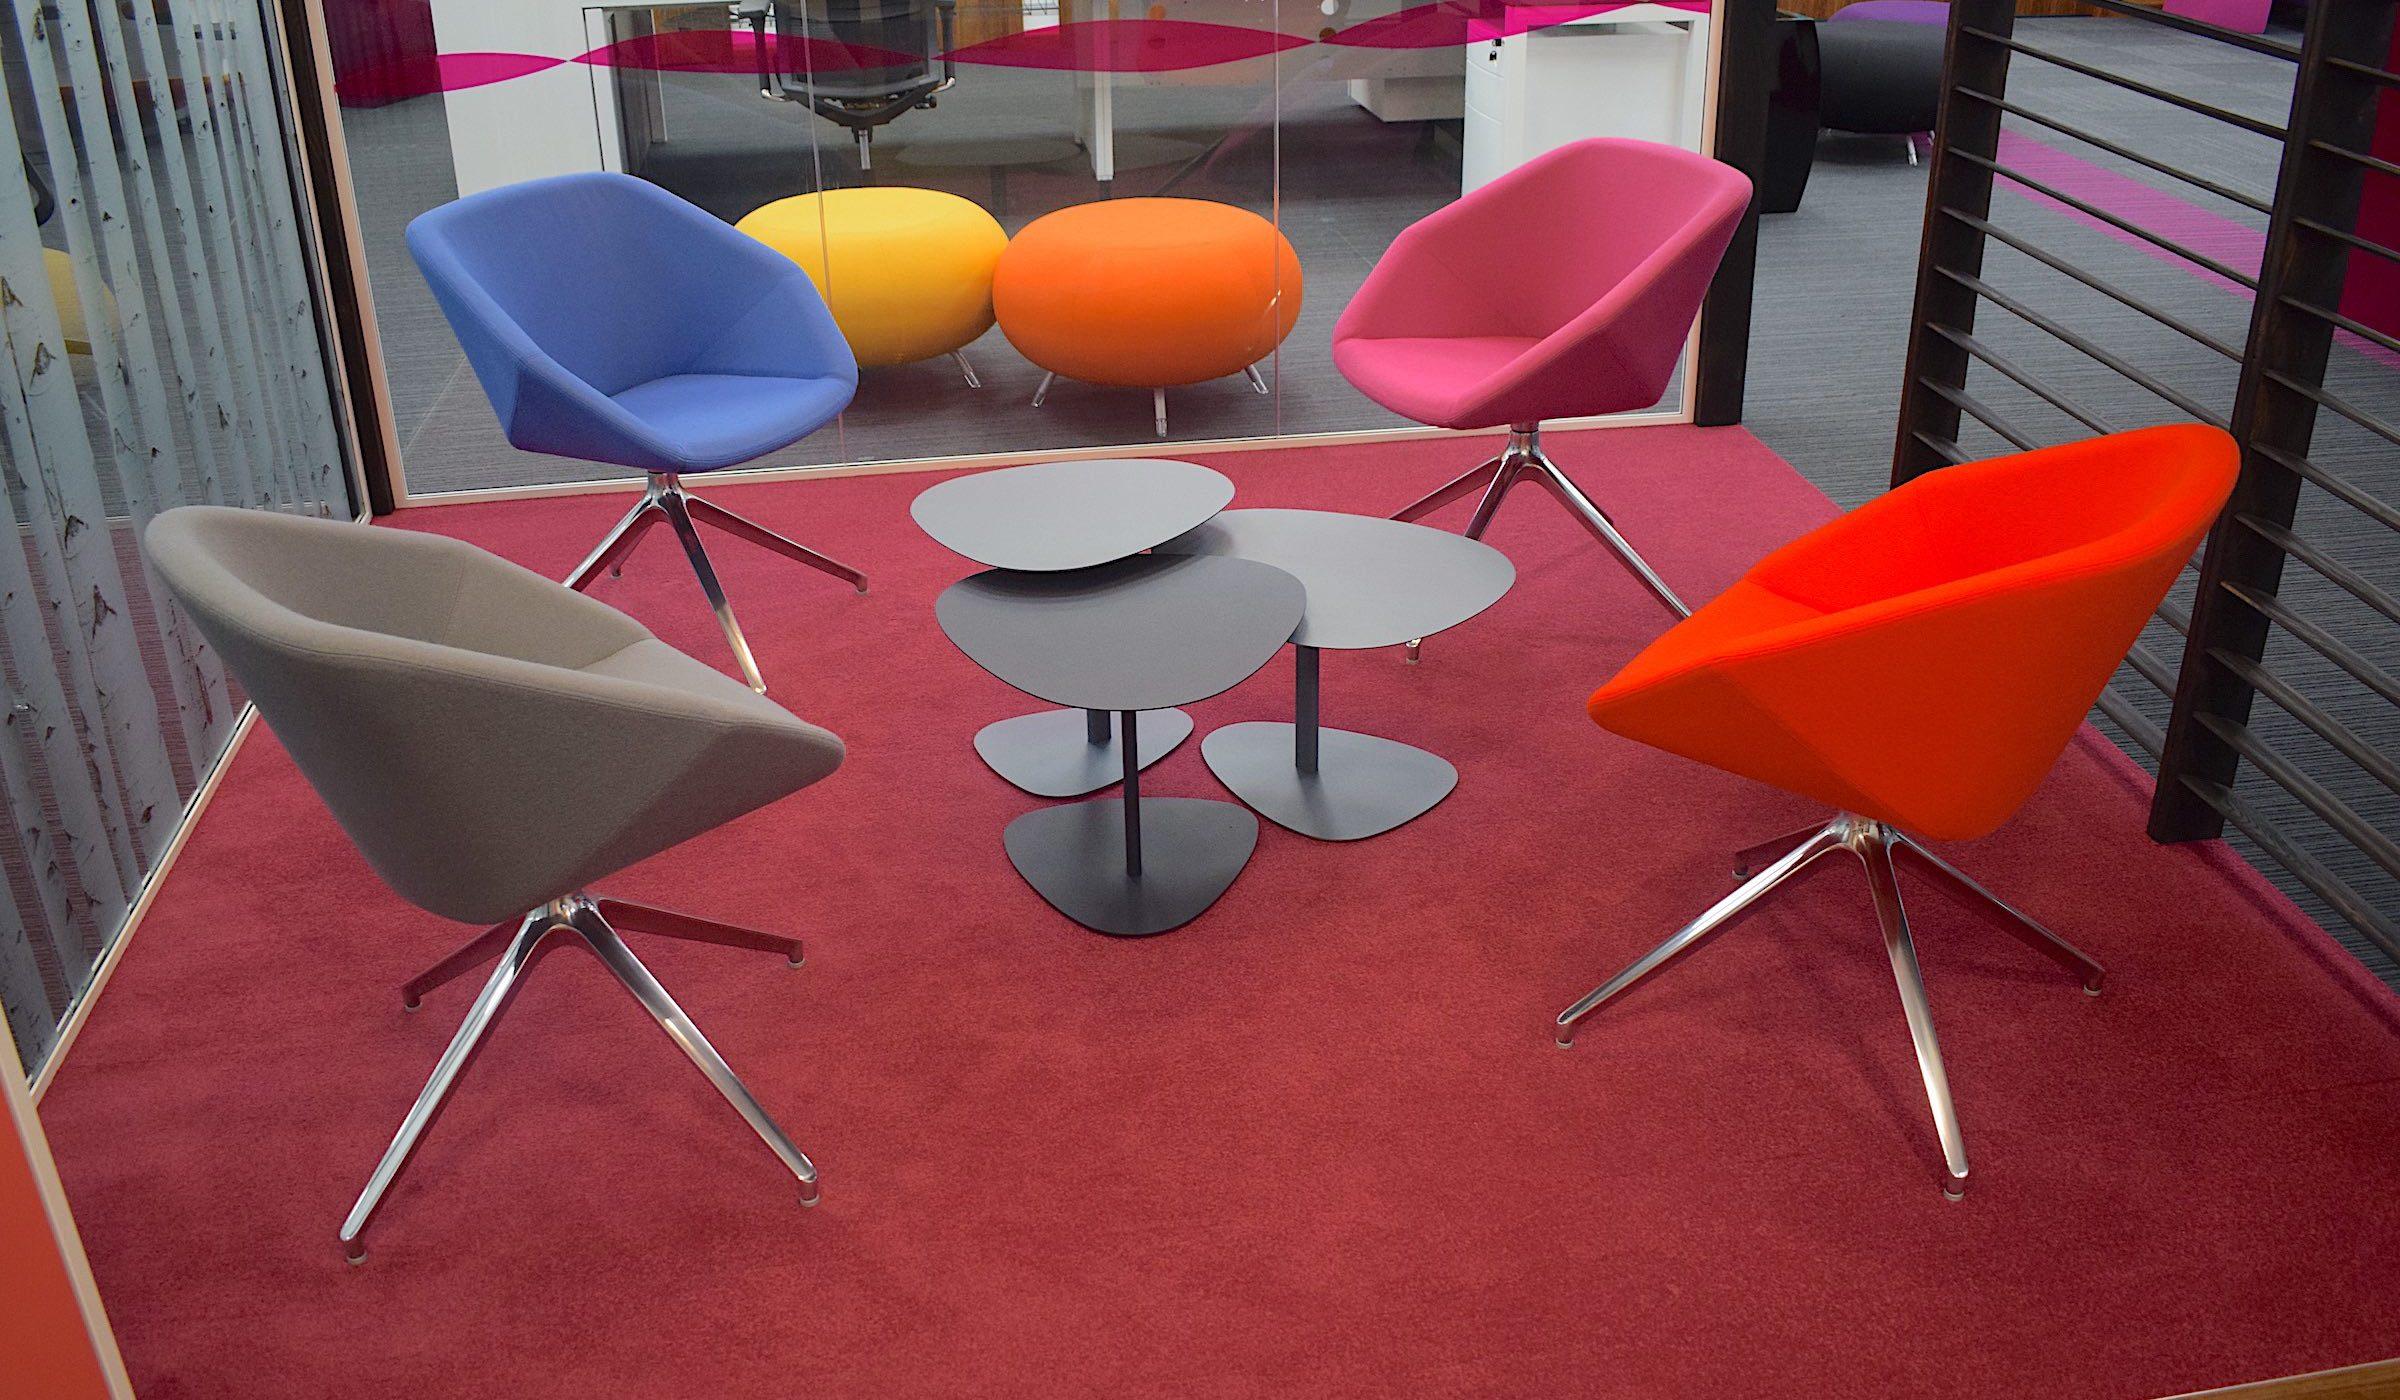 Maestro | Paragon Carpet Tiles | Commercial Carpet Tiles | Design Carpet Tiles 1